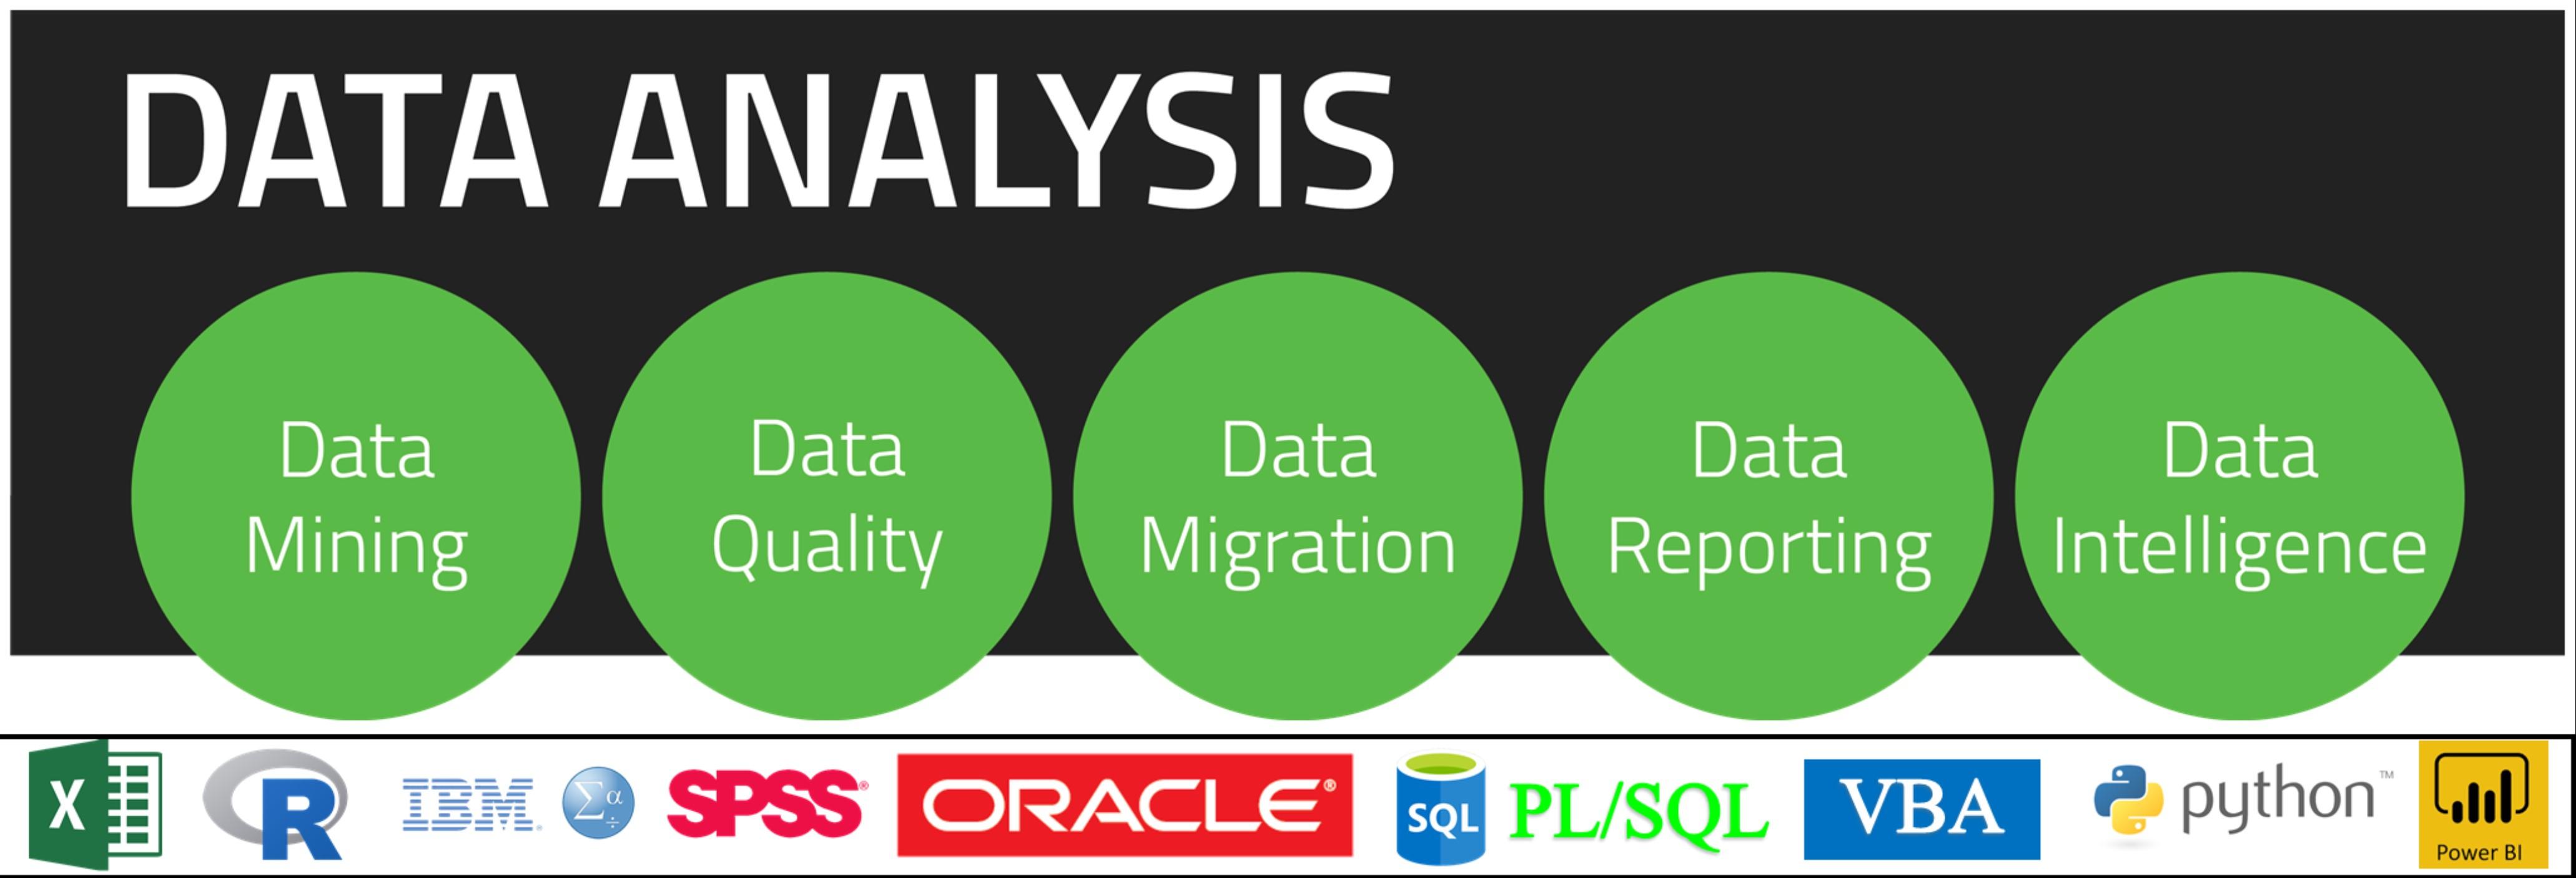 Data Analysis Training in Nepal